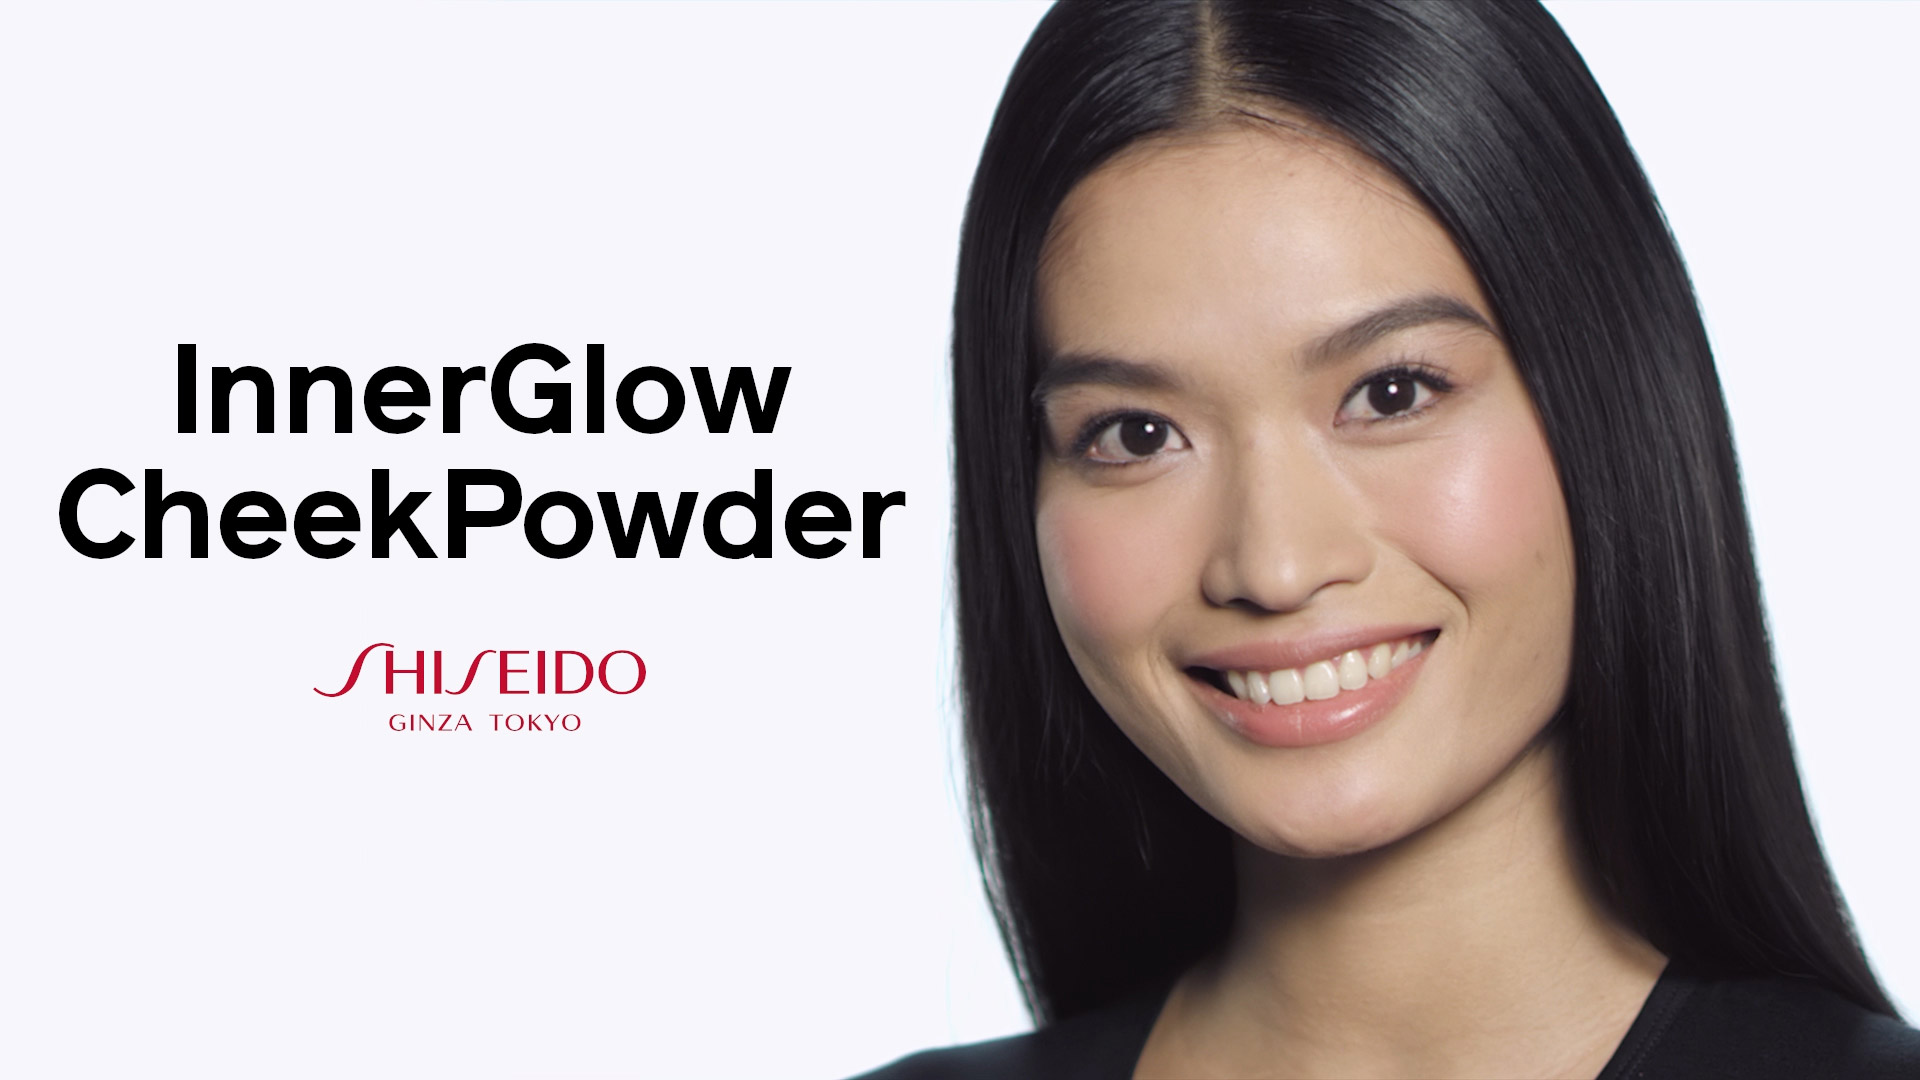 InnerGlow CheekPowder